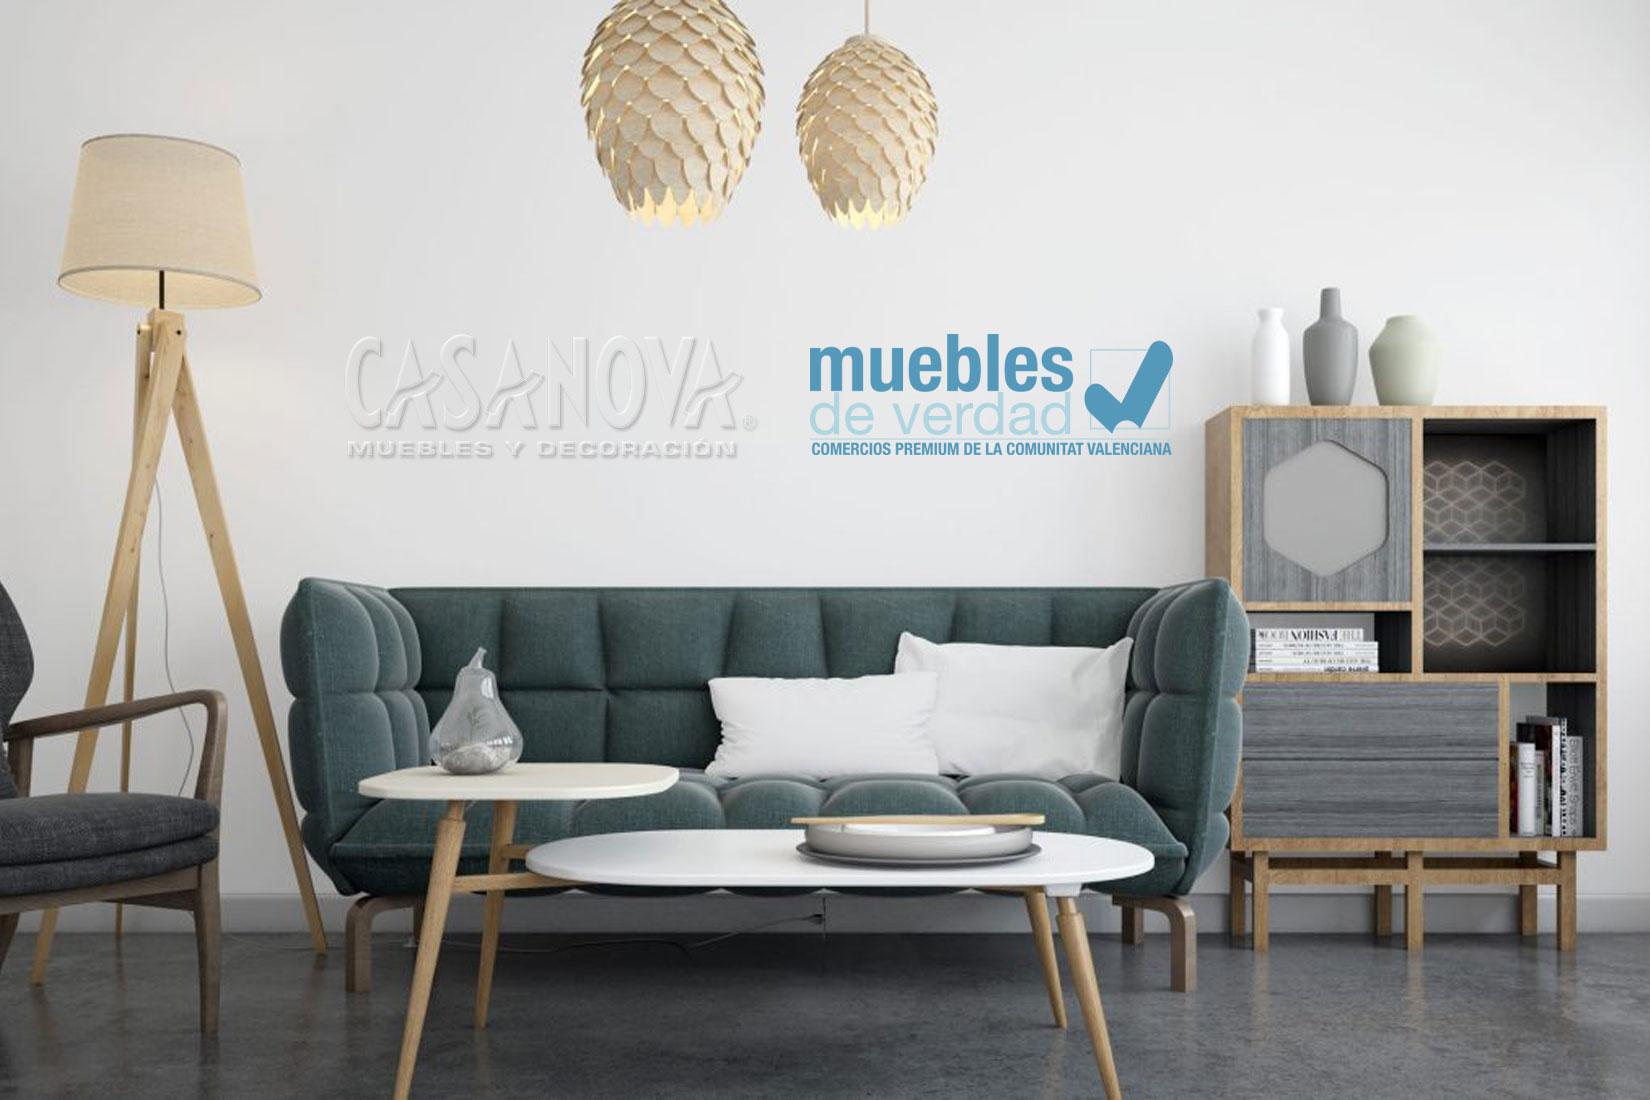 Cambiar los muebles. ¿Por dónde empiezo?